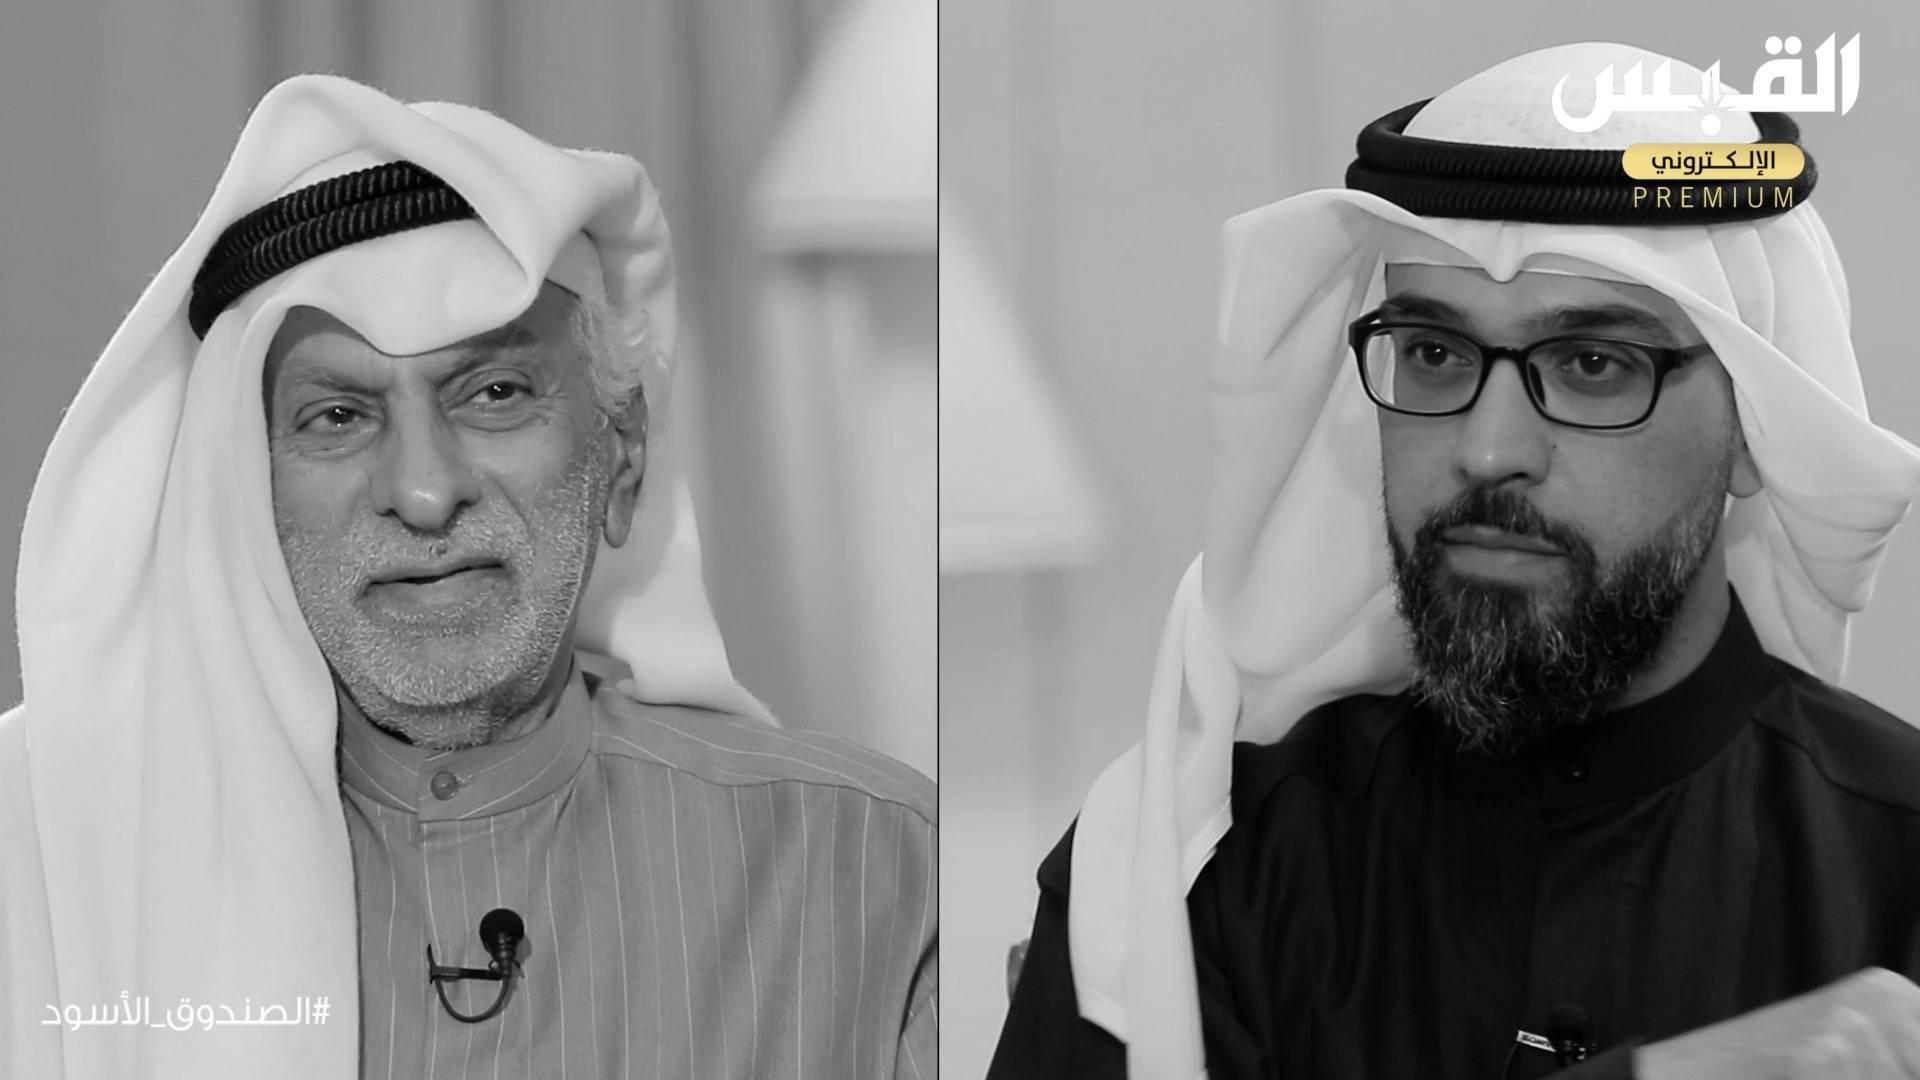 حصرياً.. الجزء 19 و 20 من سلسلة حلقات د. عبدالله النفيسي